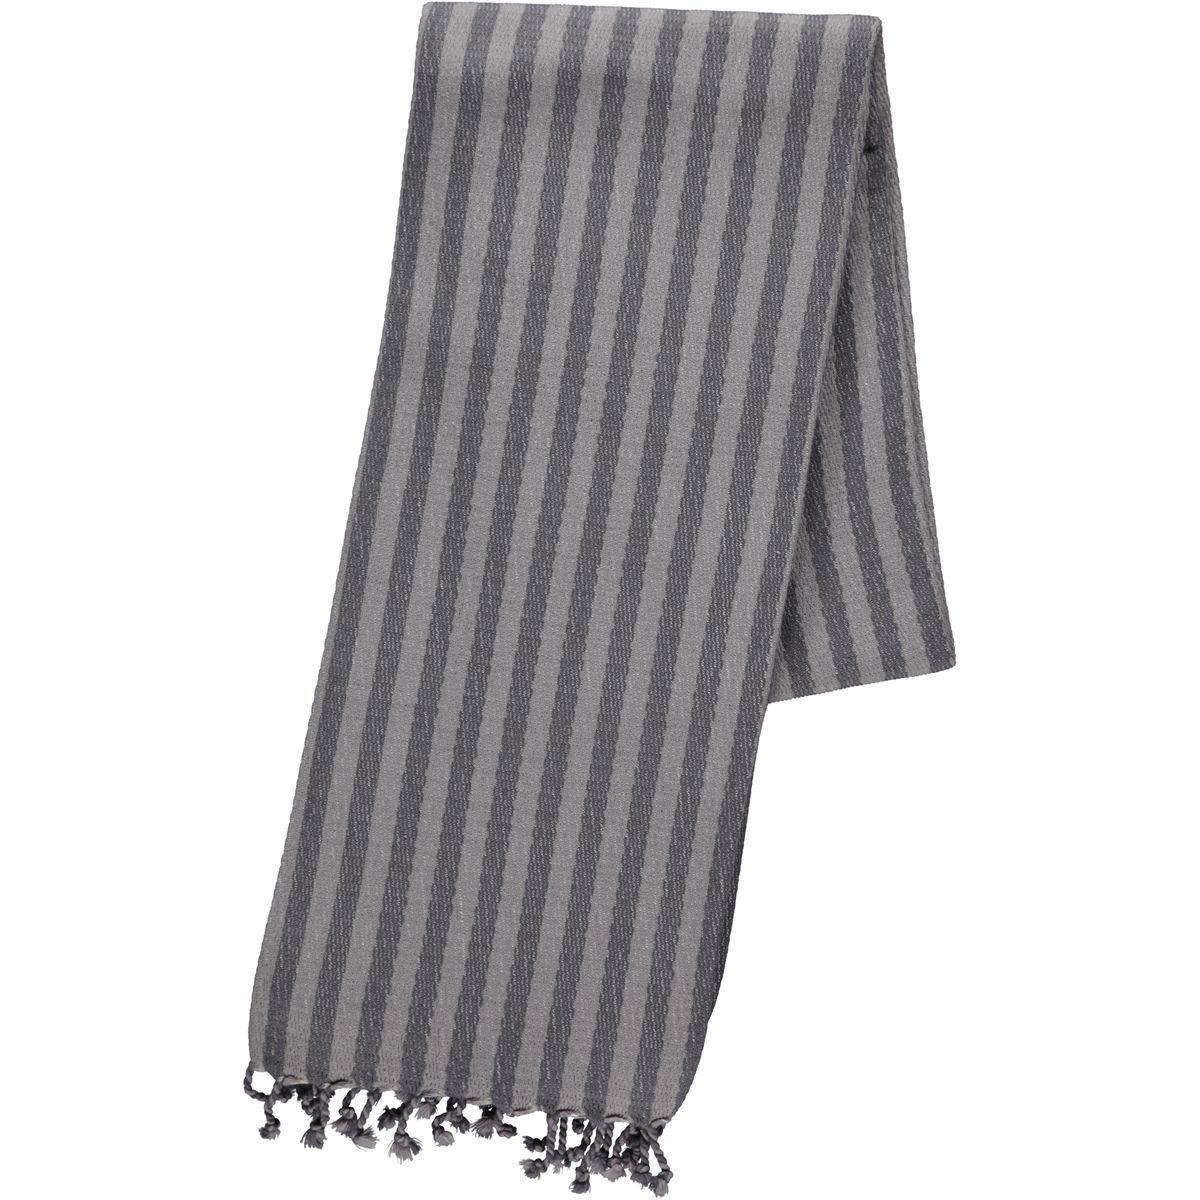 Peshtemal Mayda / Dark Grey - Light Grey